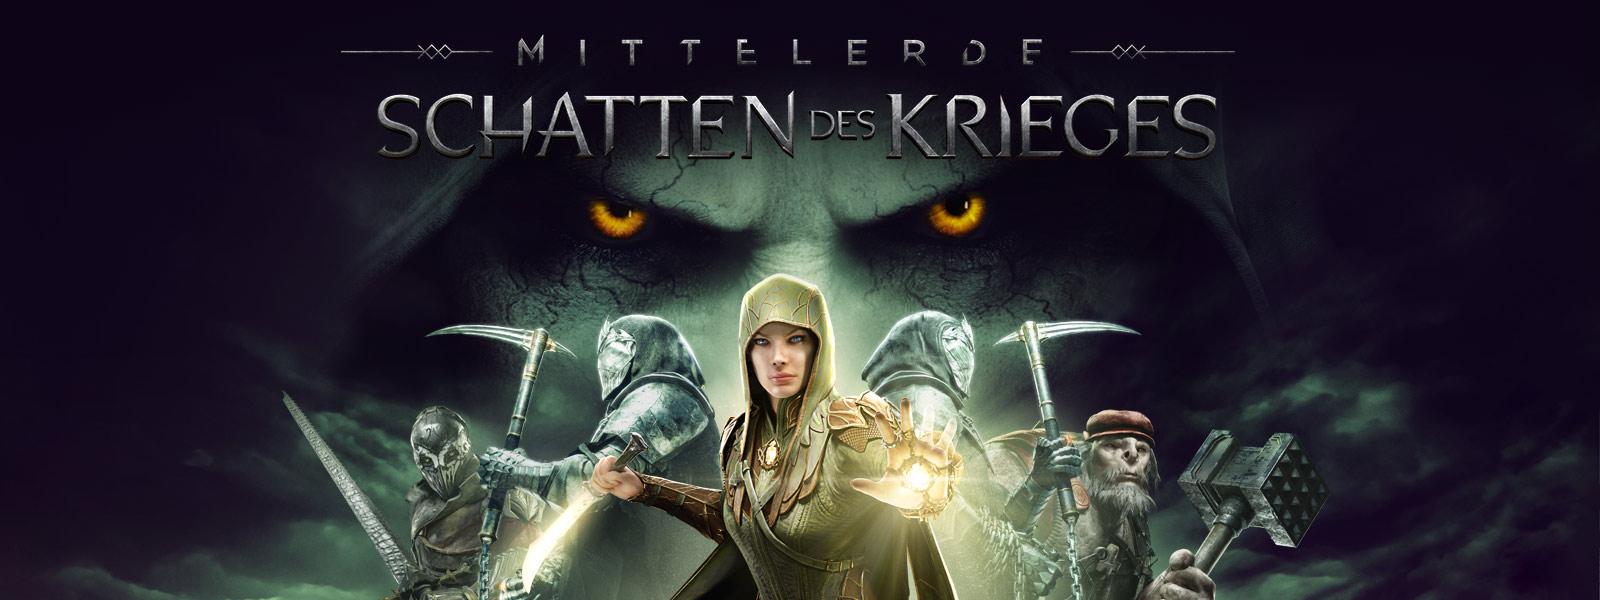 Mittelerde: Schatten des Krieges, Eltariel vor 4 Figuren mit großen glühenden Augen